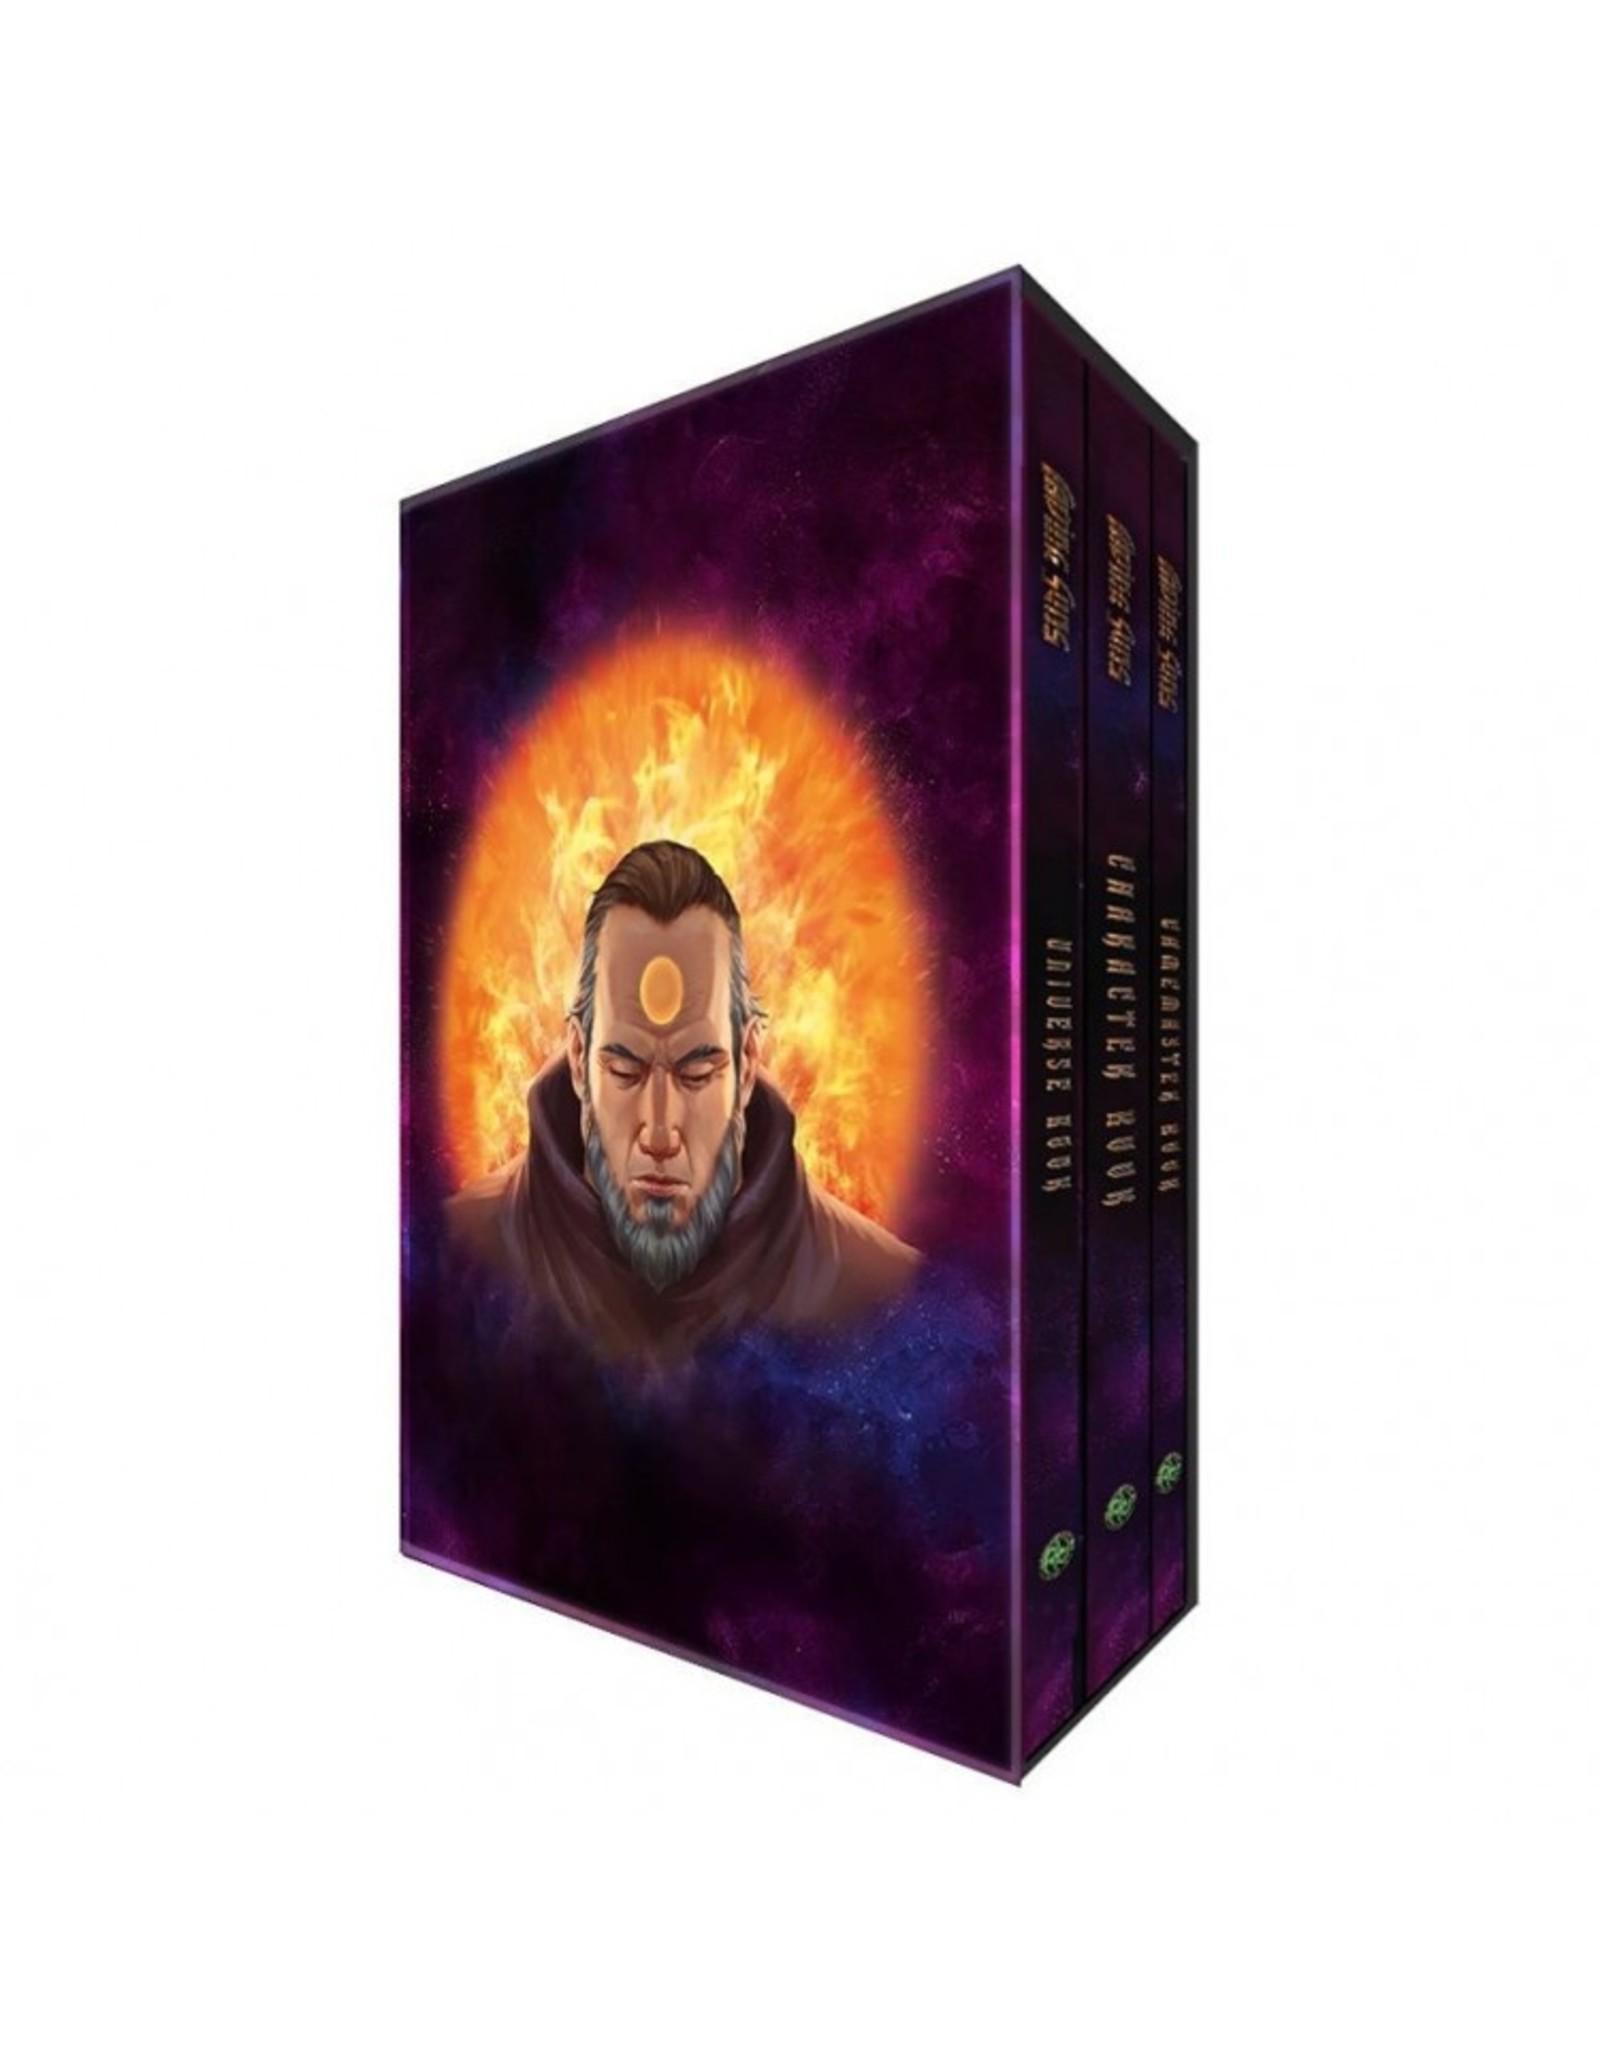 Ulisses North America Fading Suns: Core Books Slipcase